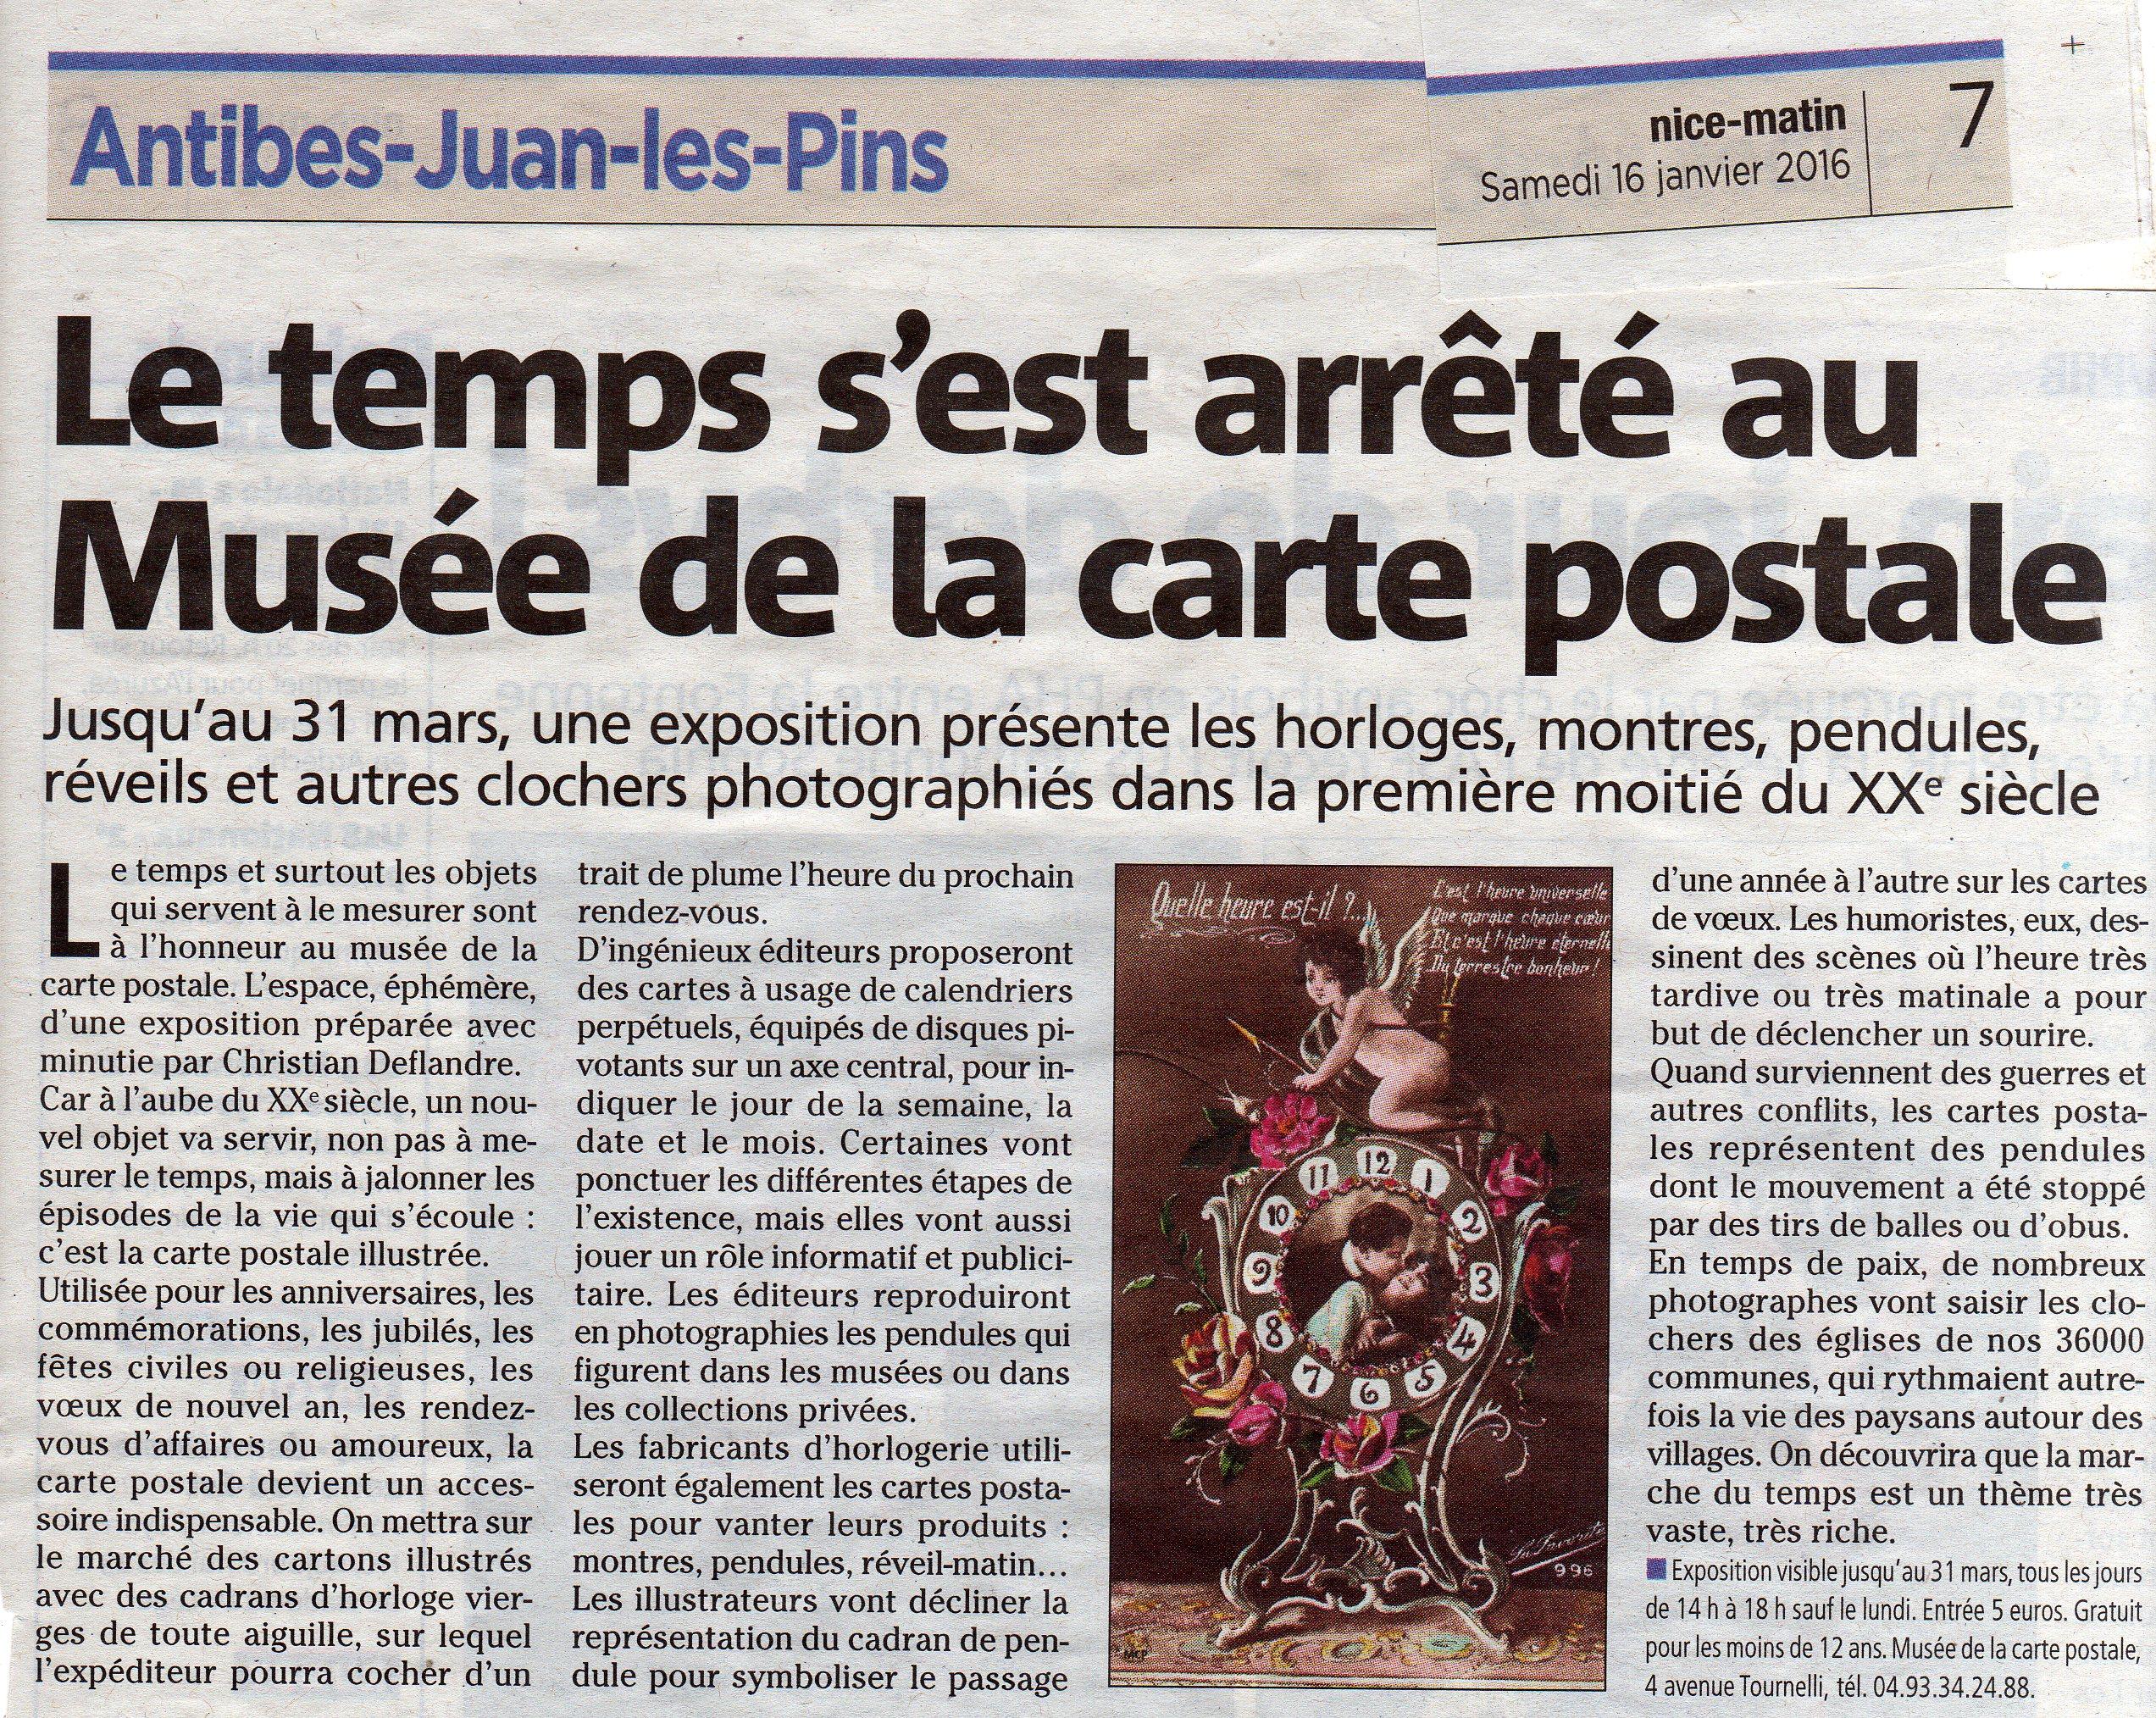 Article de presse de Nice Matin du 16 janvier 2016, sur la nouvelle exposition temporaire du musée de la carte postale.